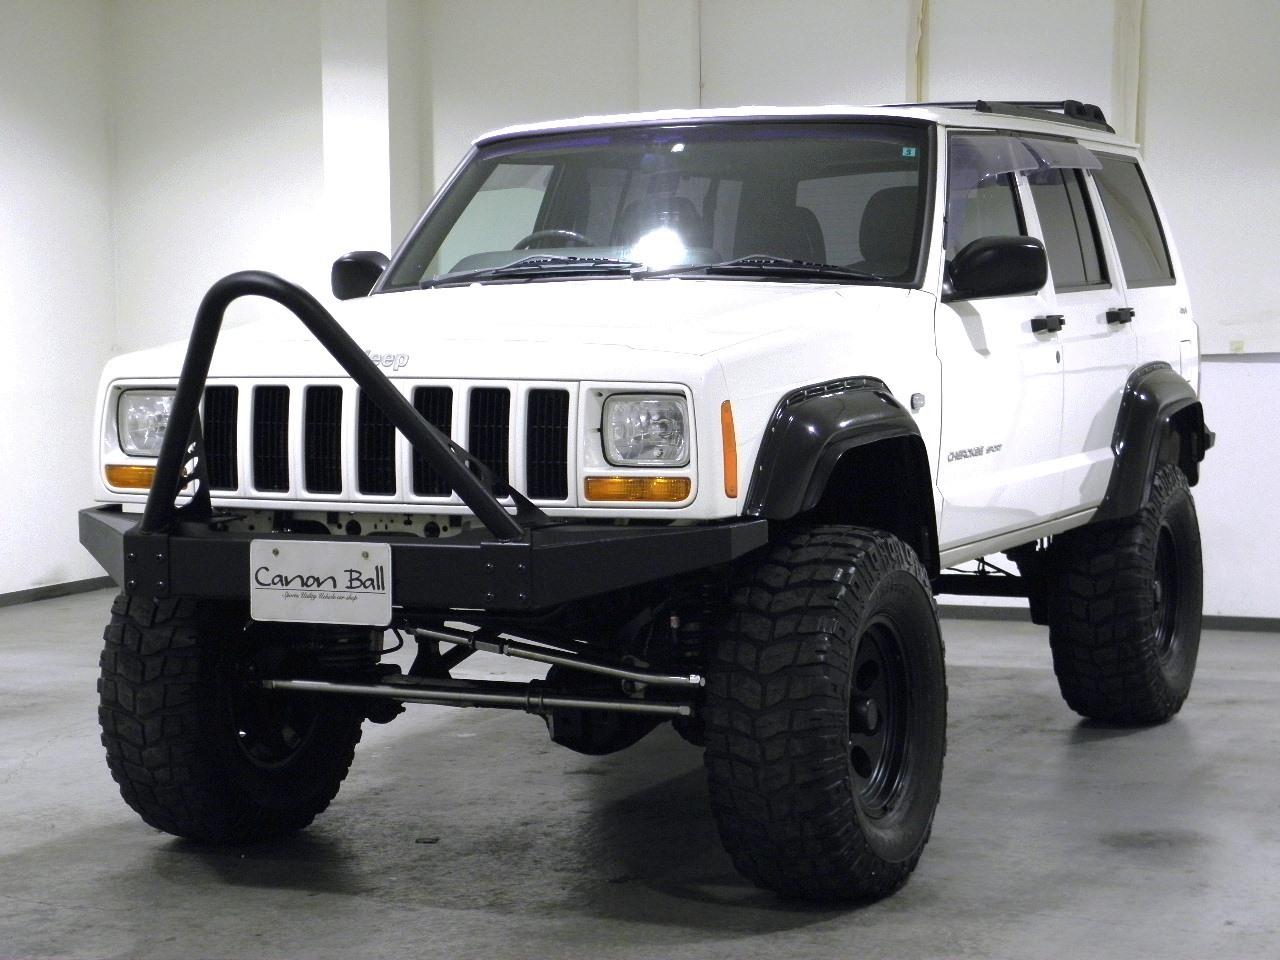 スポーツ リフトUPカスタムver ブラックインテリア DVDナビ 【XJ型Jeep最終モデル】 のイメージ画像です